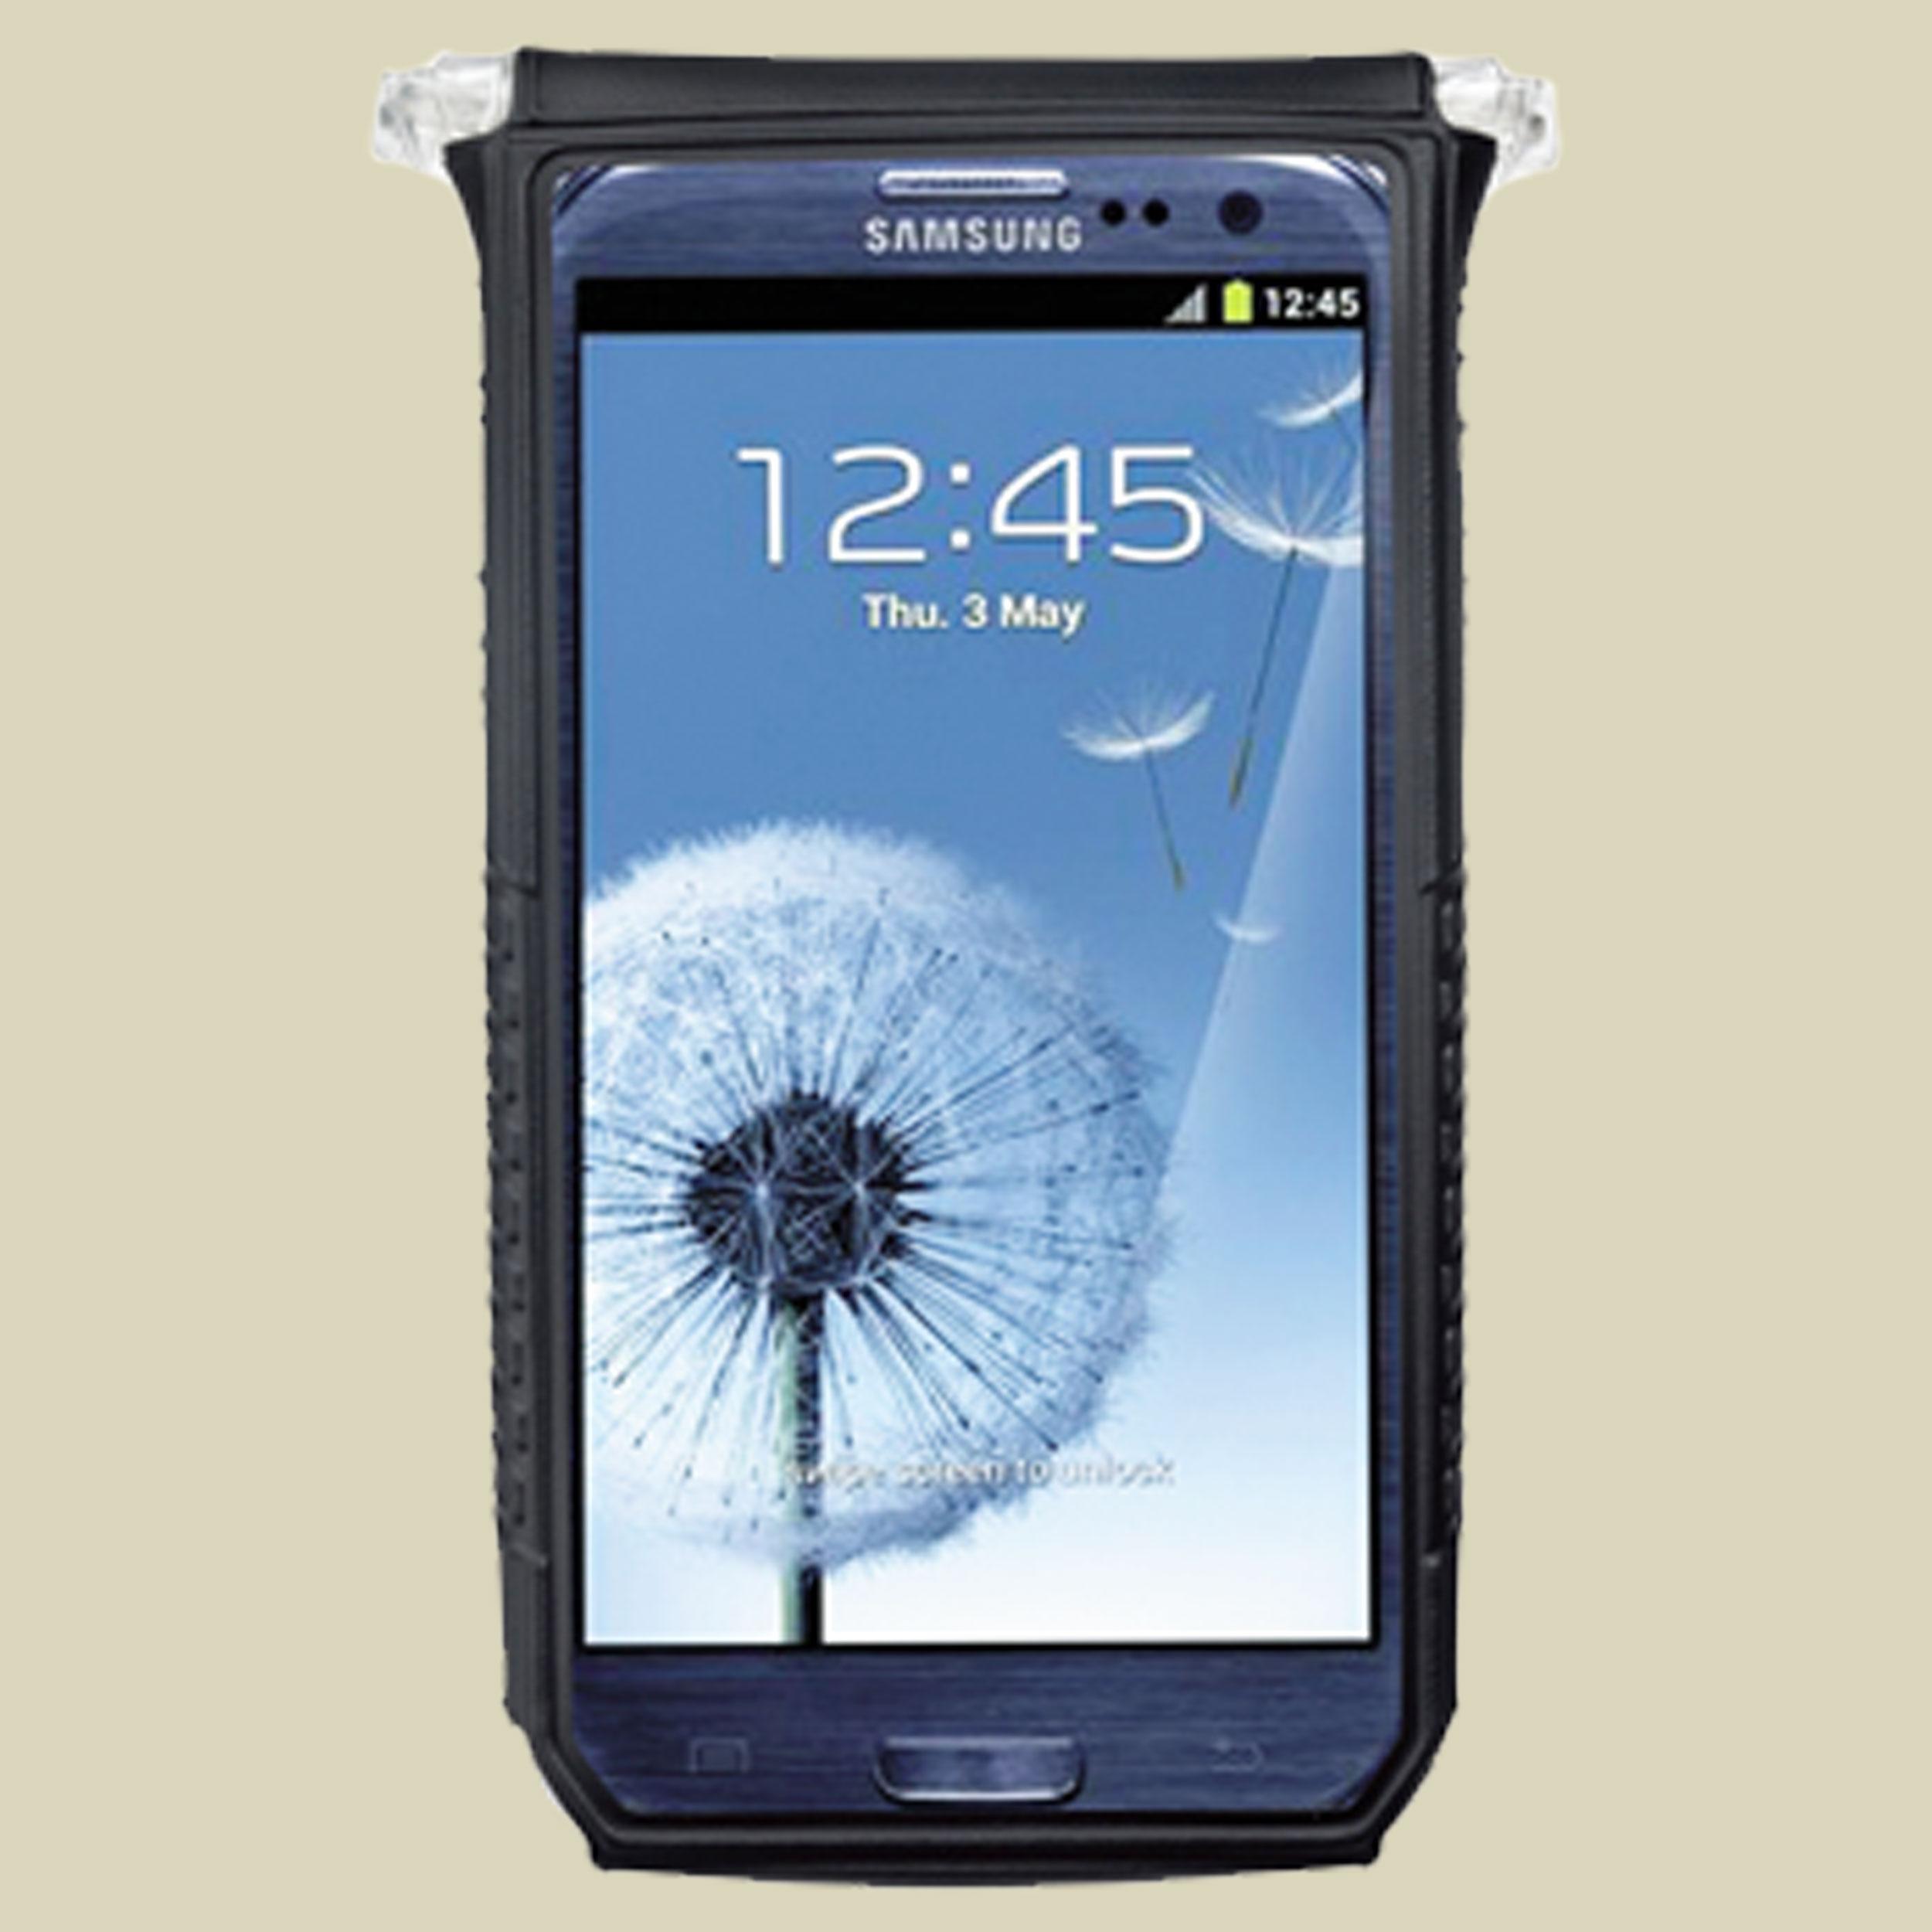 Topeak, SmartPhone DryBag 5, für iPhone 5, Smartphone-Tasche für den Fahrradlenker, schwarz